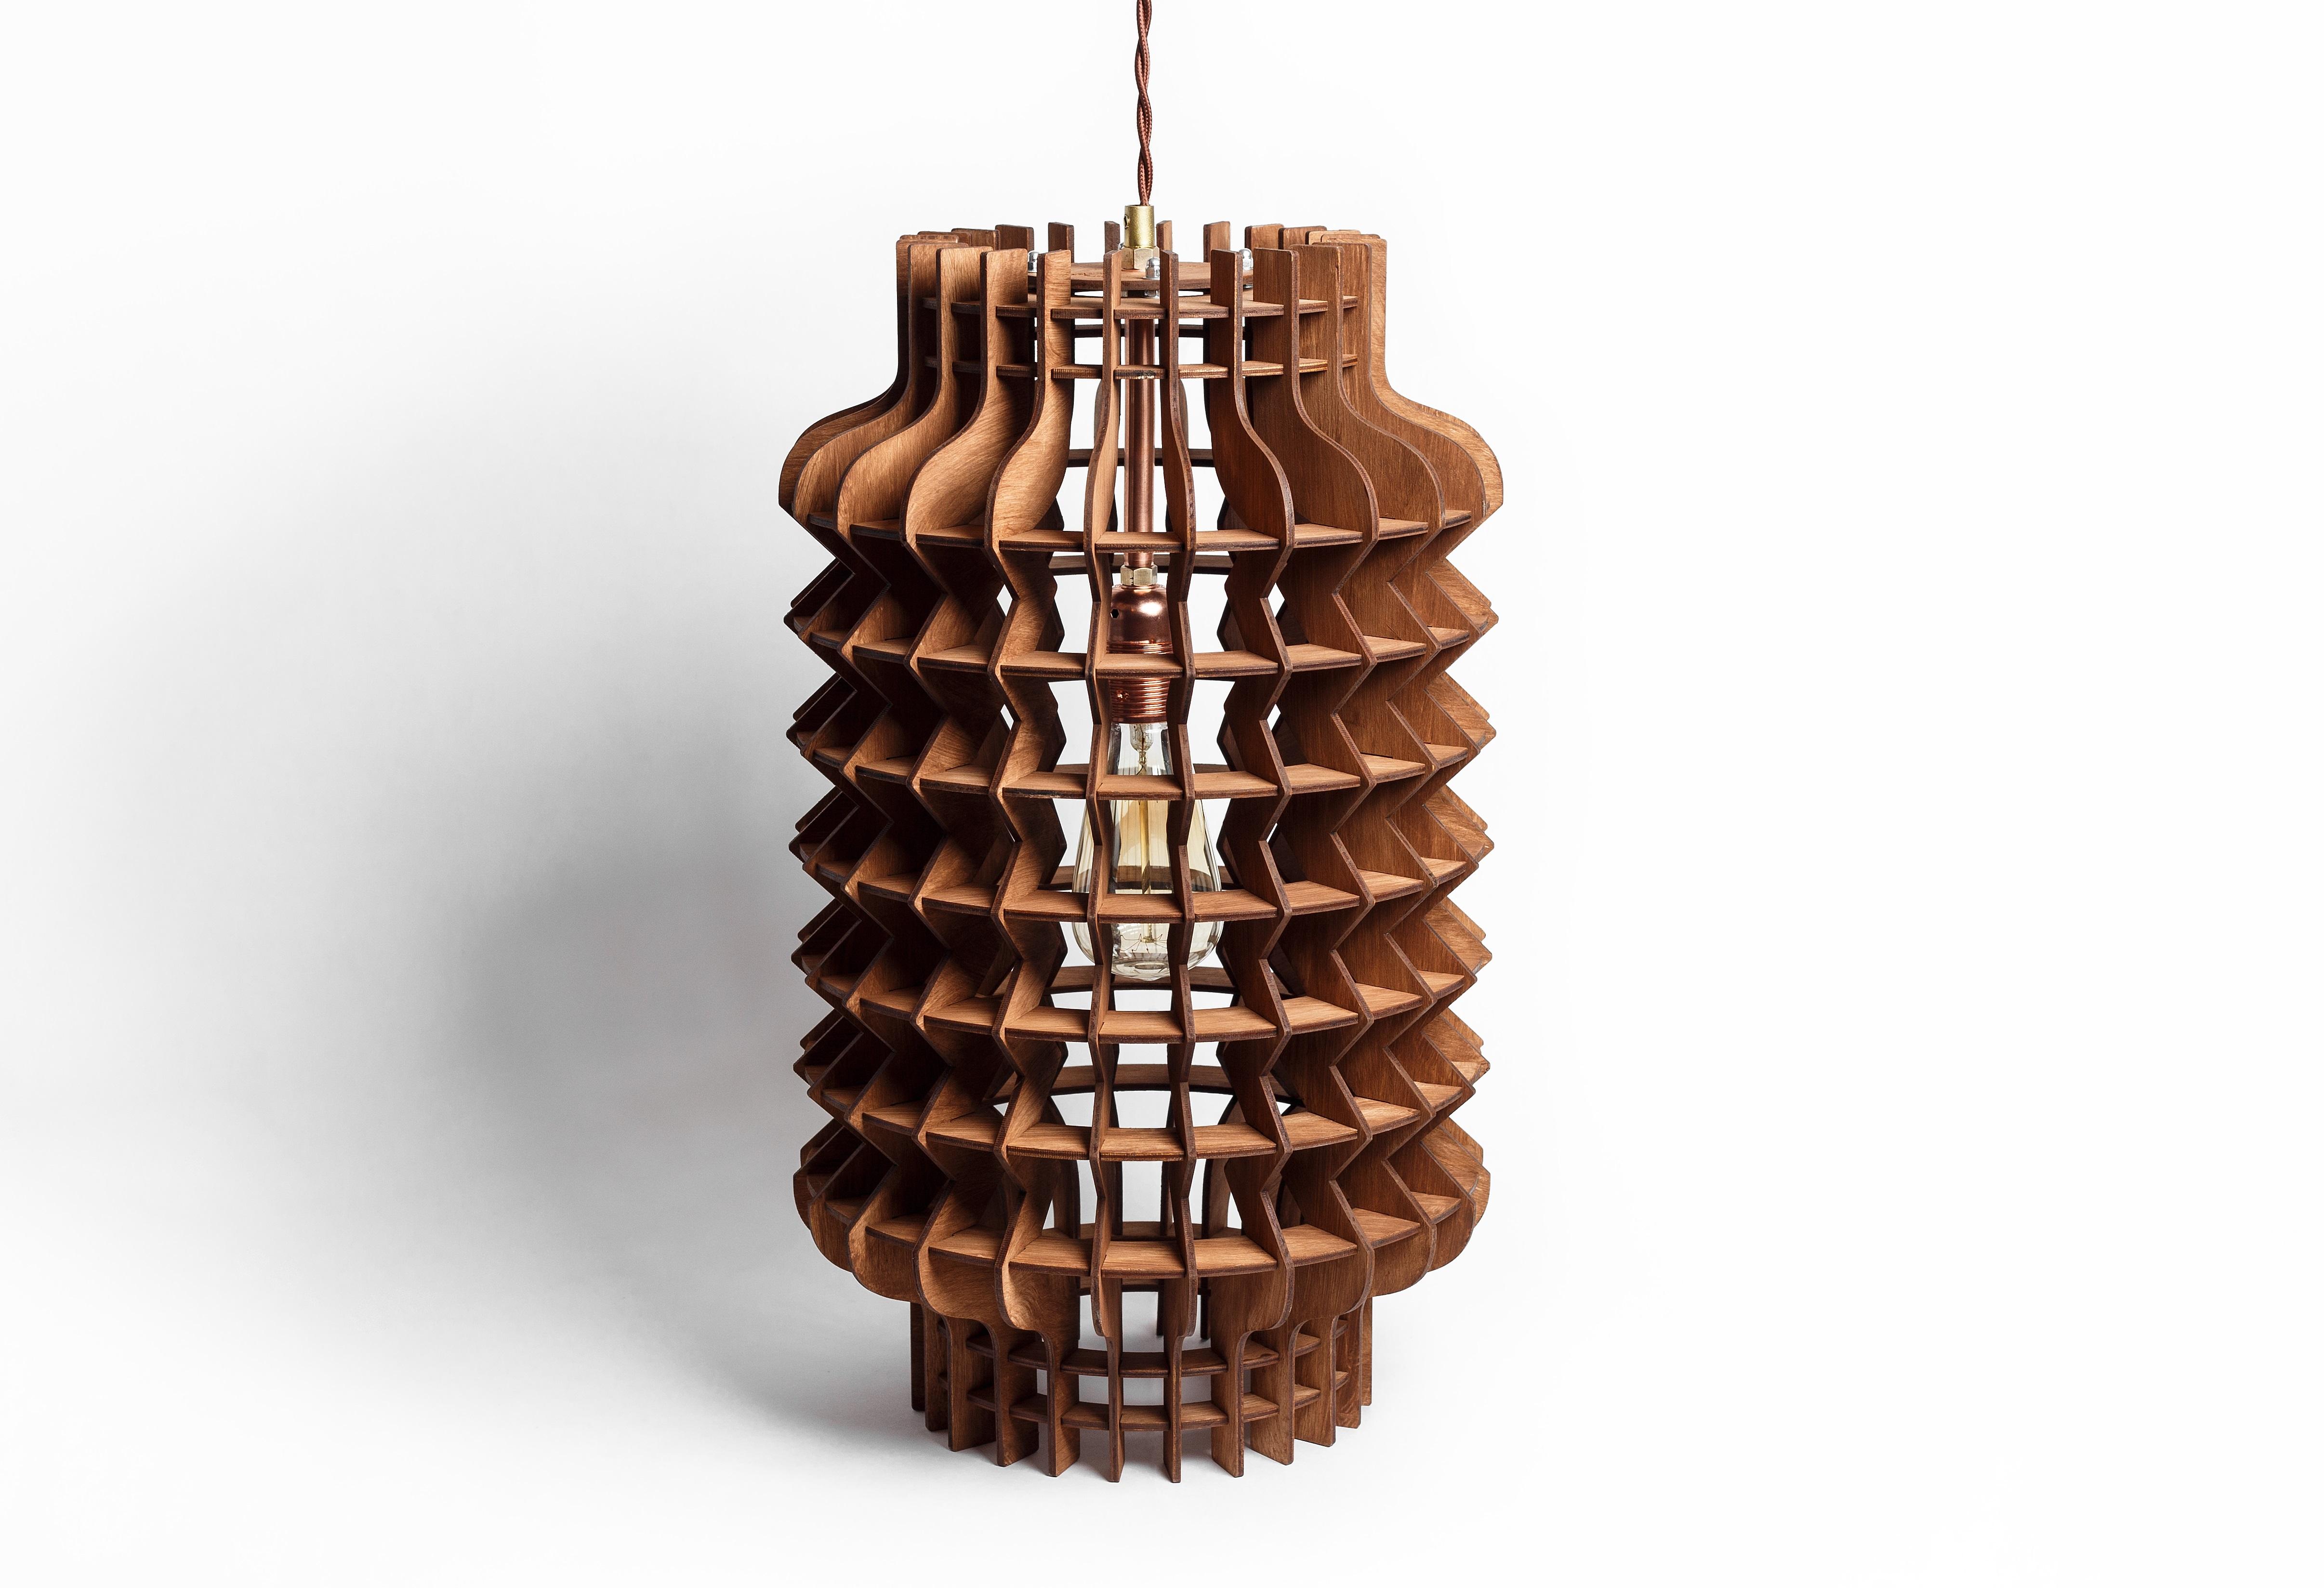 Деревянный светильник Китайская башняПодвесные светильники<br>&amp;lt;div&amp;gt;Вид цоколя: E27&amp;lt;/div&amp;gt;&amp;lt;div&amp;gt;Мощность: 60W&amp;lt;/div&amp;gt;&amp;lt;div&amp;gt;Количество ламп: 1 (нет в комплекте)&amp;lt;/div&amp;gt;<br><br>Material: Дерево<br>Length см: None<br>Width см: None<br>Height см: 50<br>Diameter см: 30